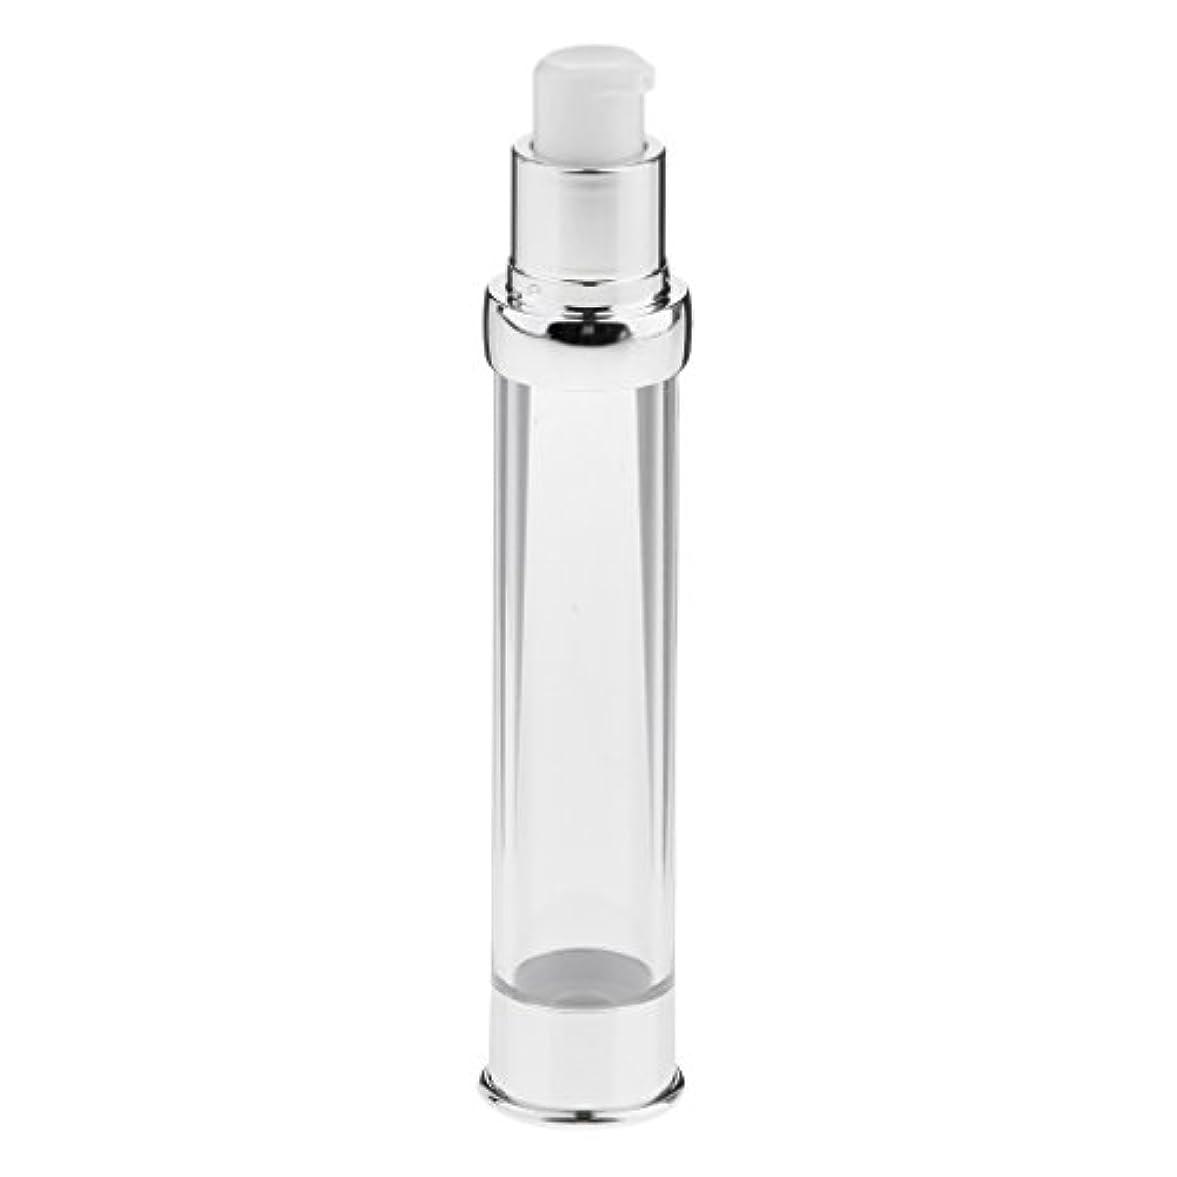 処方ベル平等ポンプボトル コスメ用 詰替え 収納ボトル 化粧 クリーム メイク道具 4サイズ選択 - 30ml